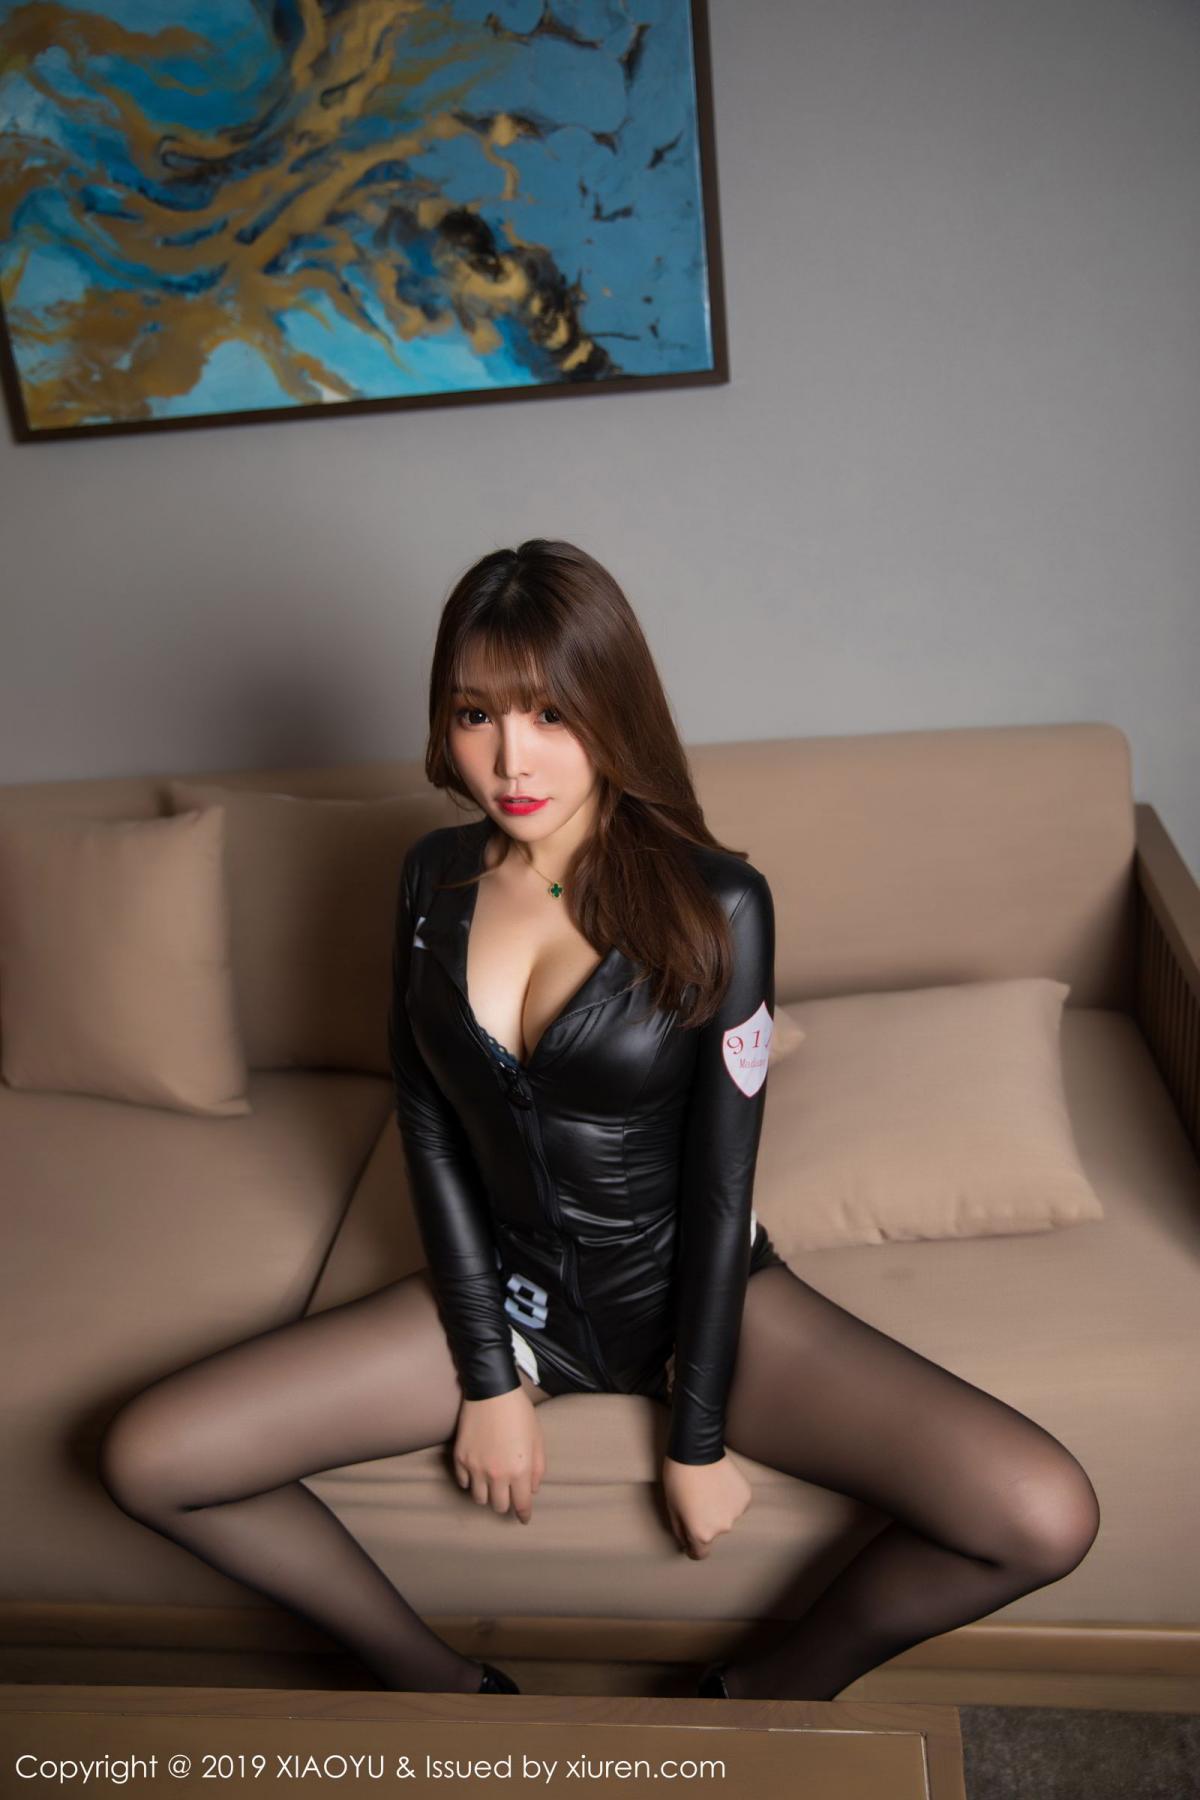 [XiaoYu] Vol.151 Chen Zhi 14P, Adult, Chen Zhi, XiaoYu